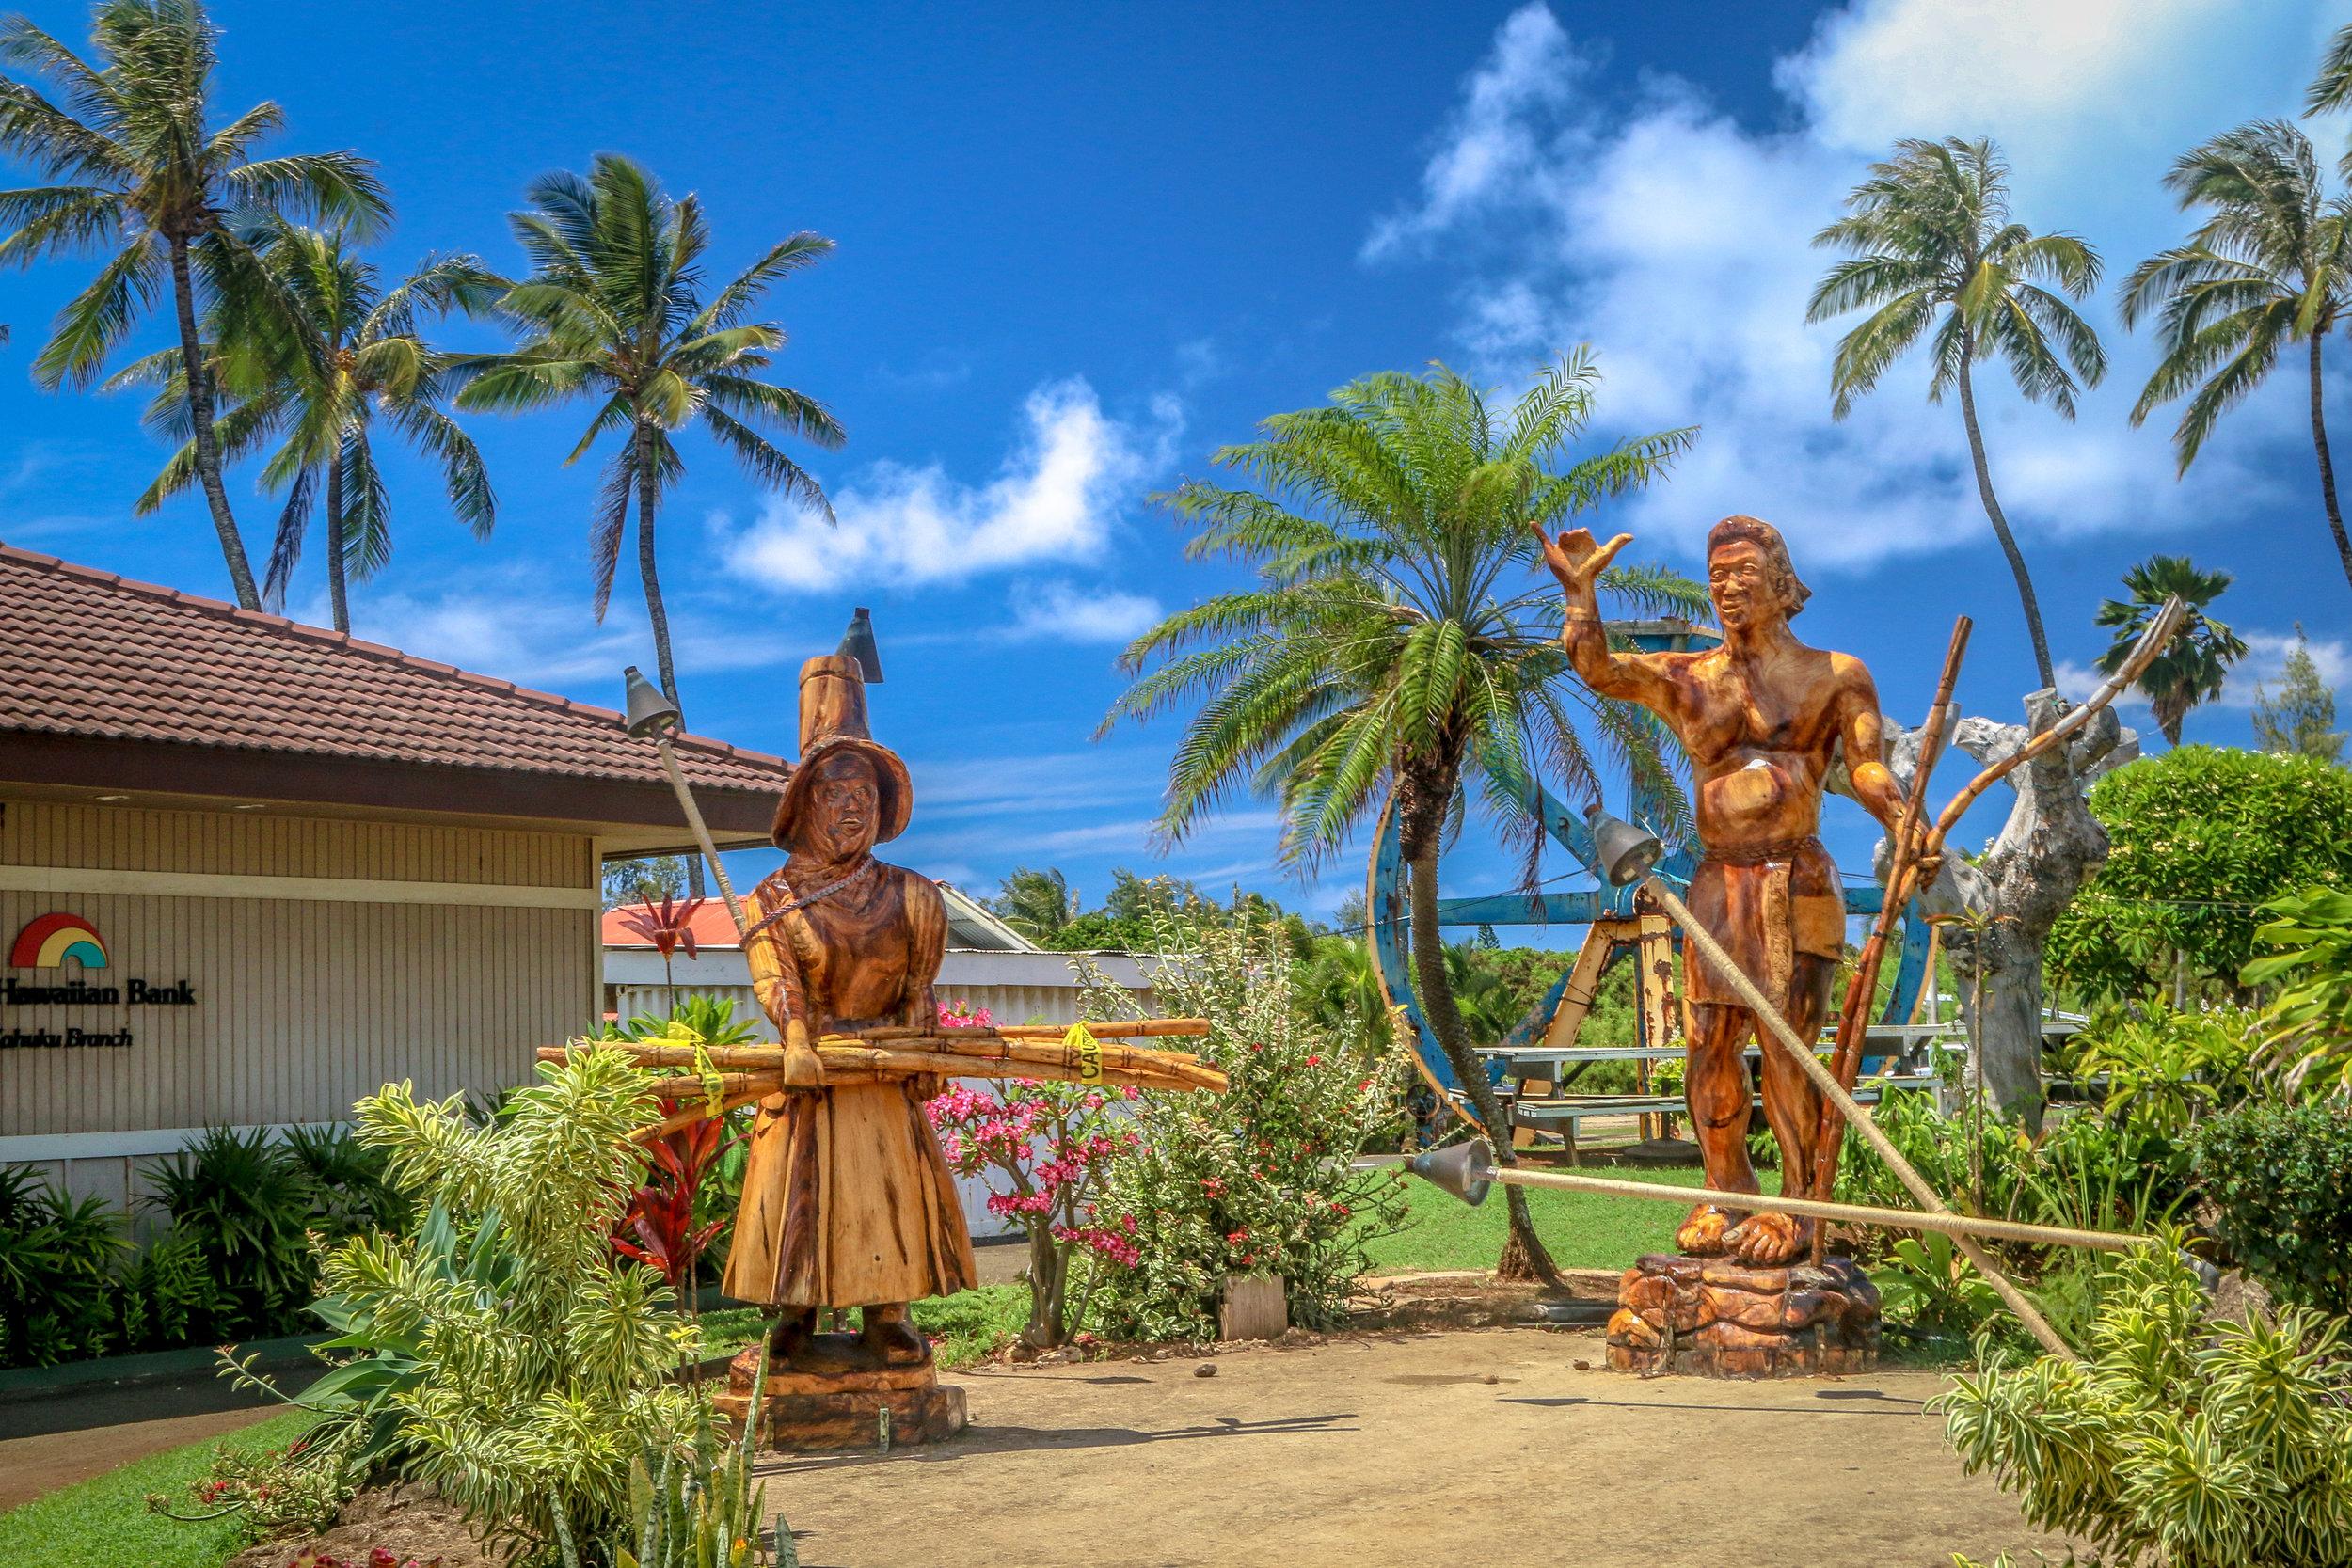 Oahu Hawaii HI photos photography statue surfer shaka